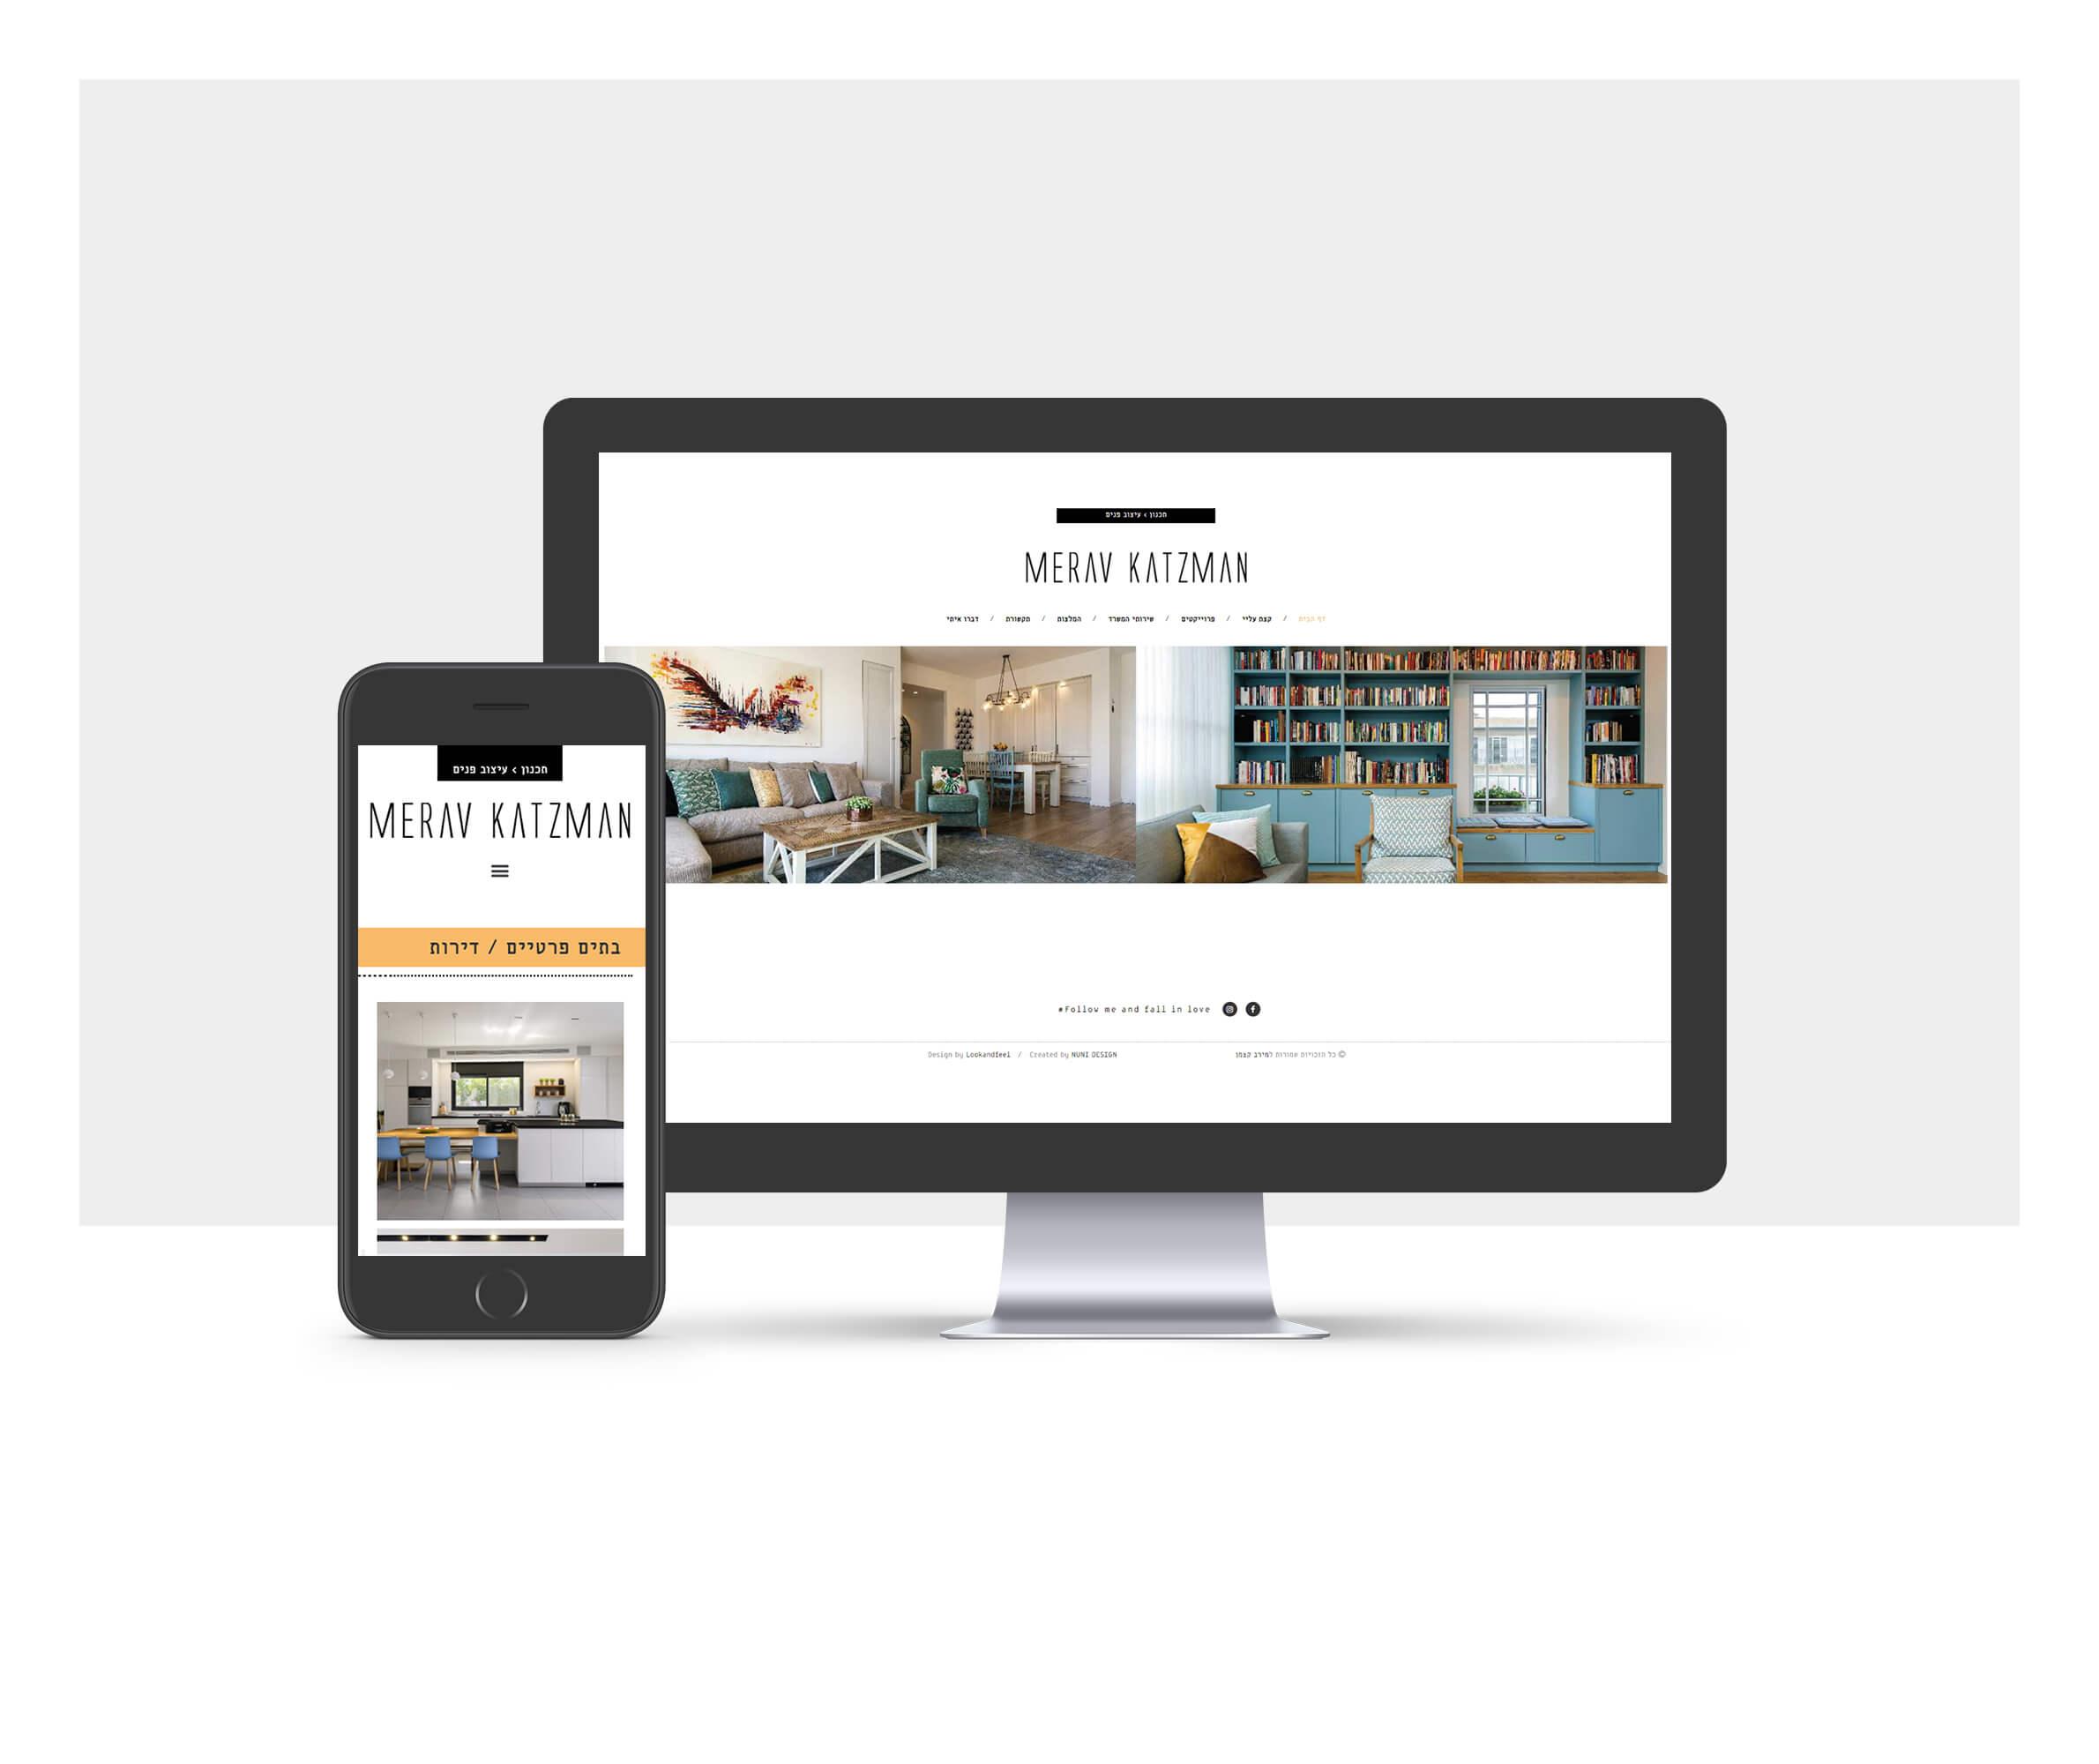 עיצוב אתר תדמית למירב קצמן מעצבת פנים בהתאמה אישית ללקוח